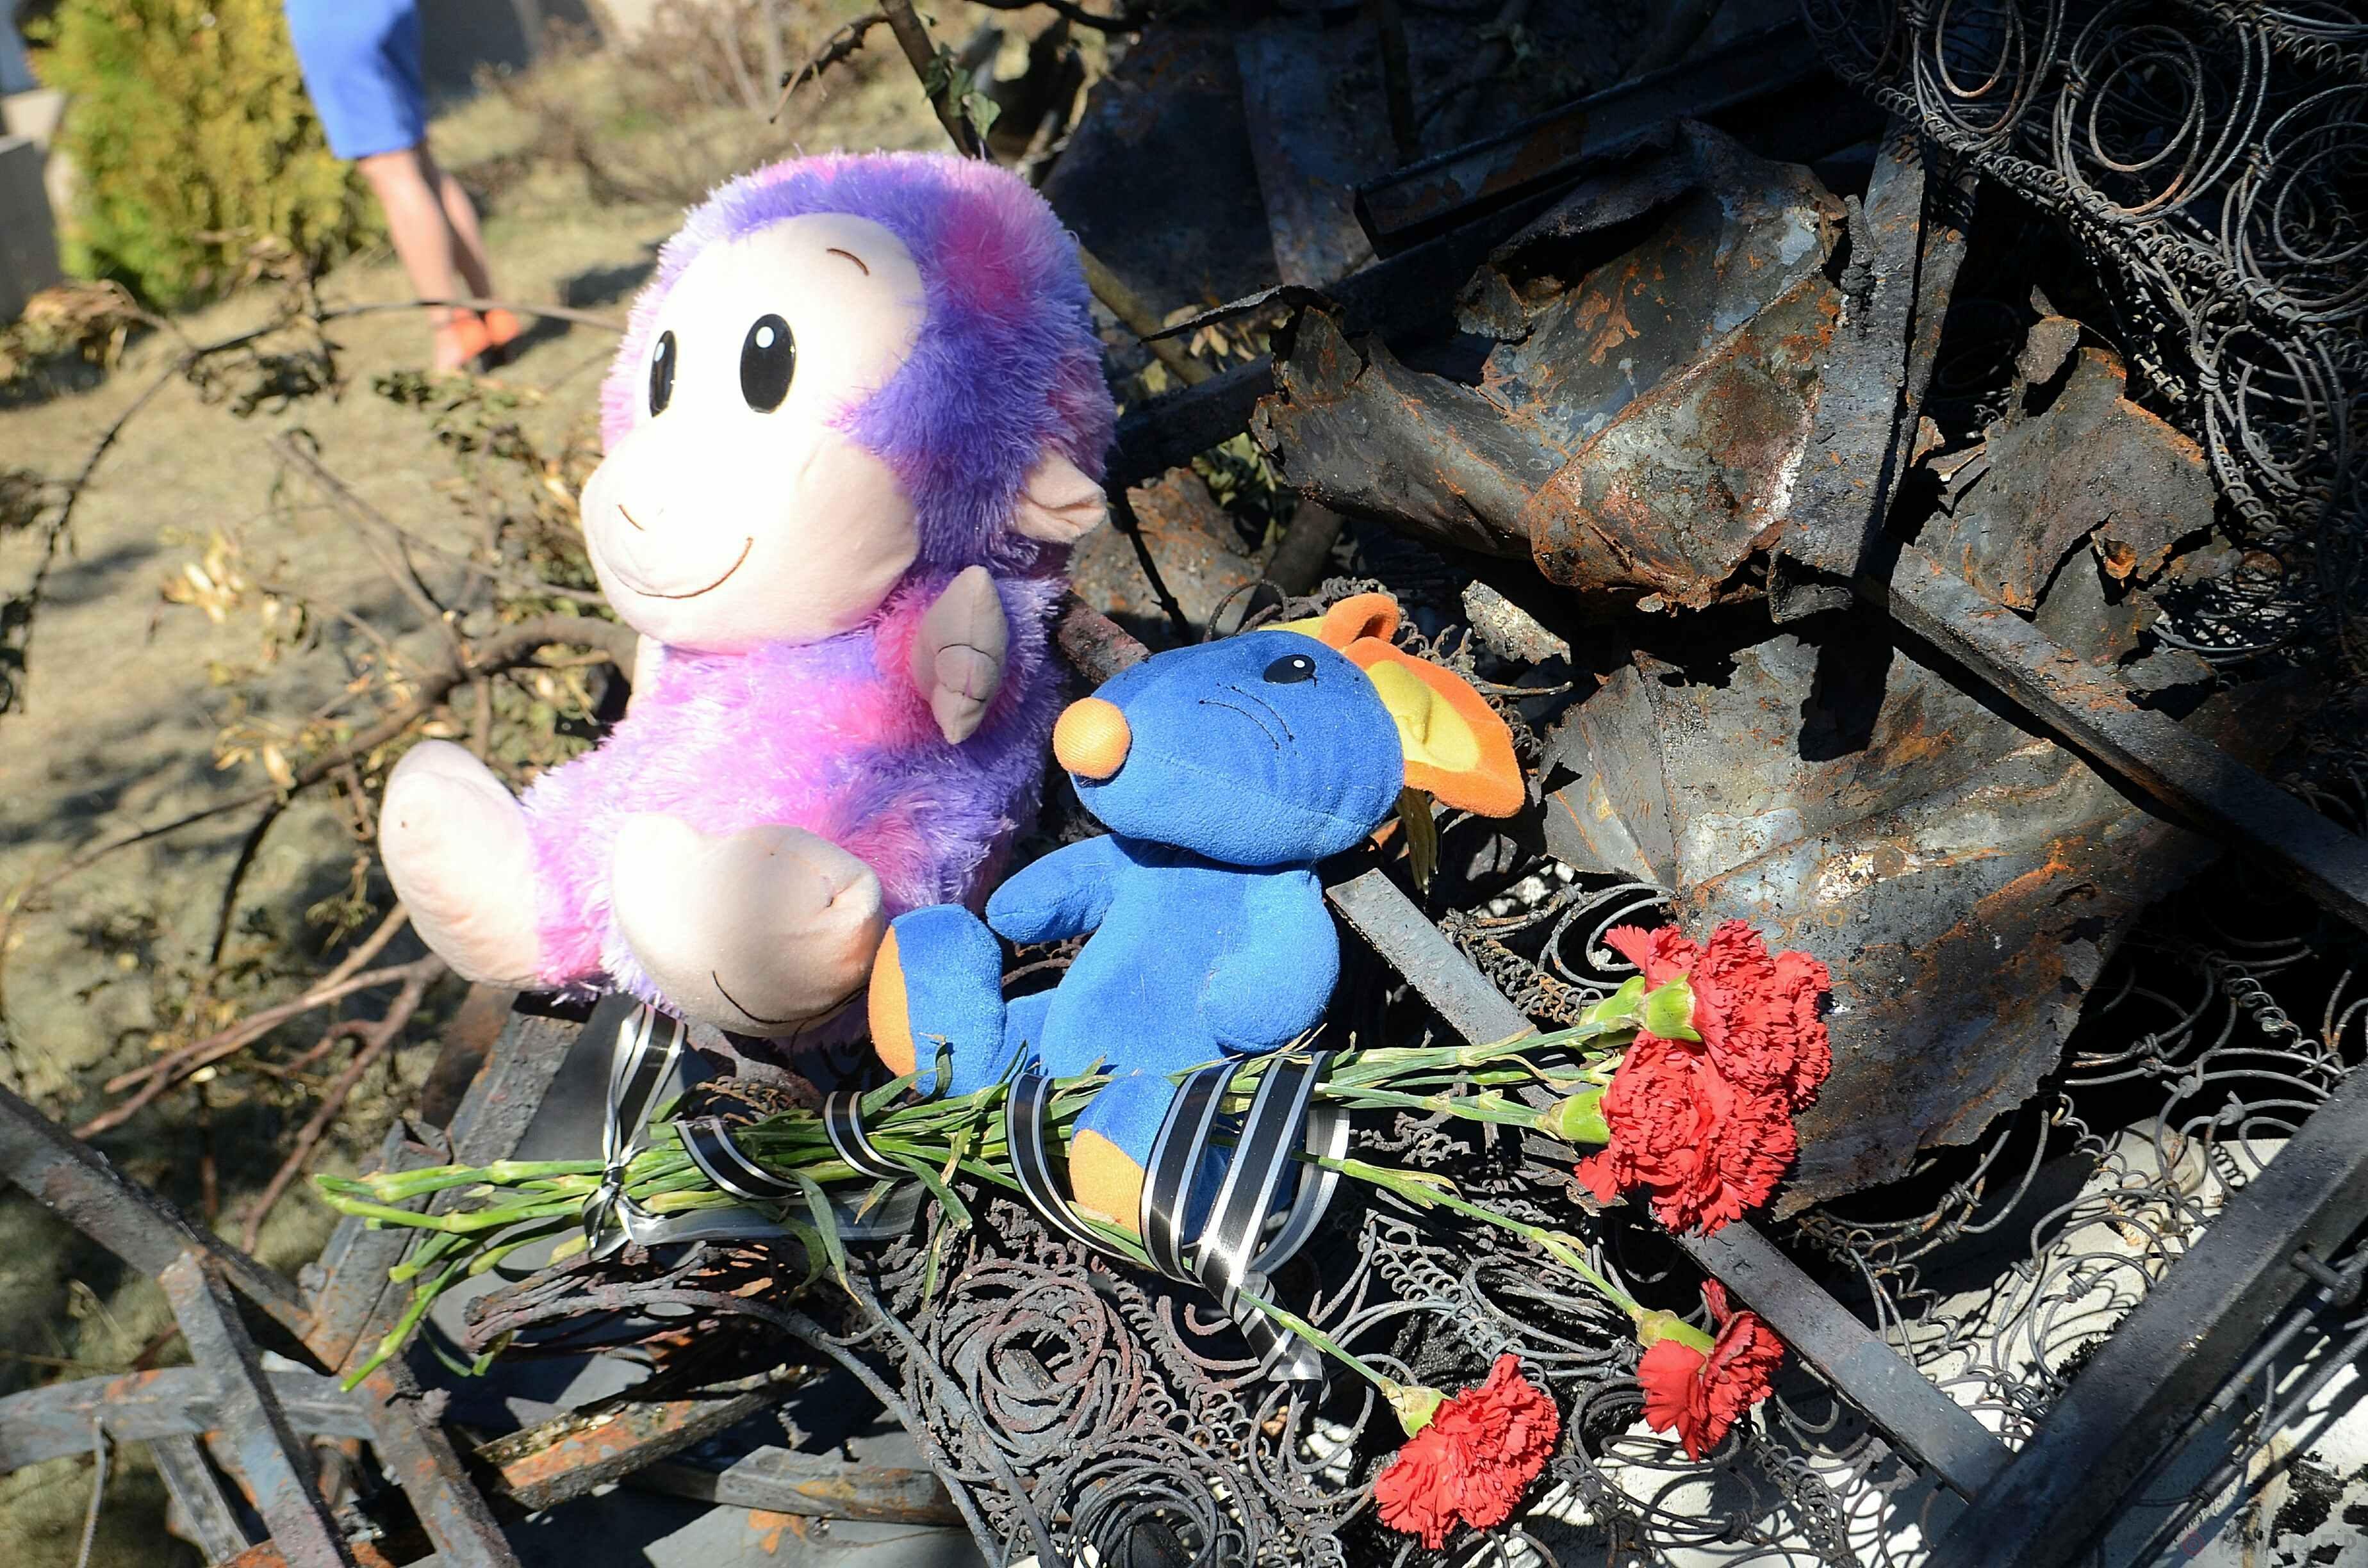 Родители погибших детей обратились к властям: погубили девочек – дайте похоронить спокойно!